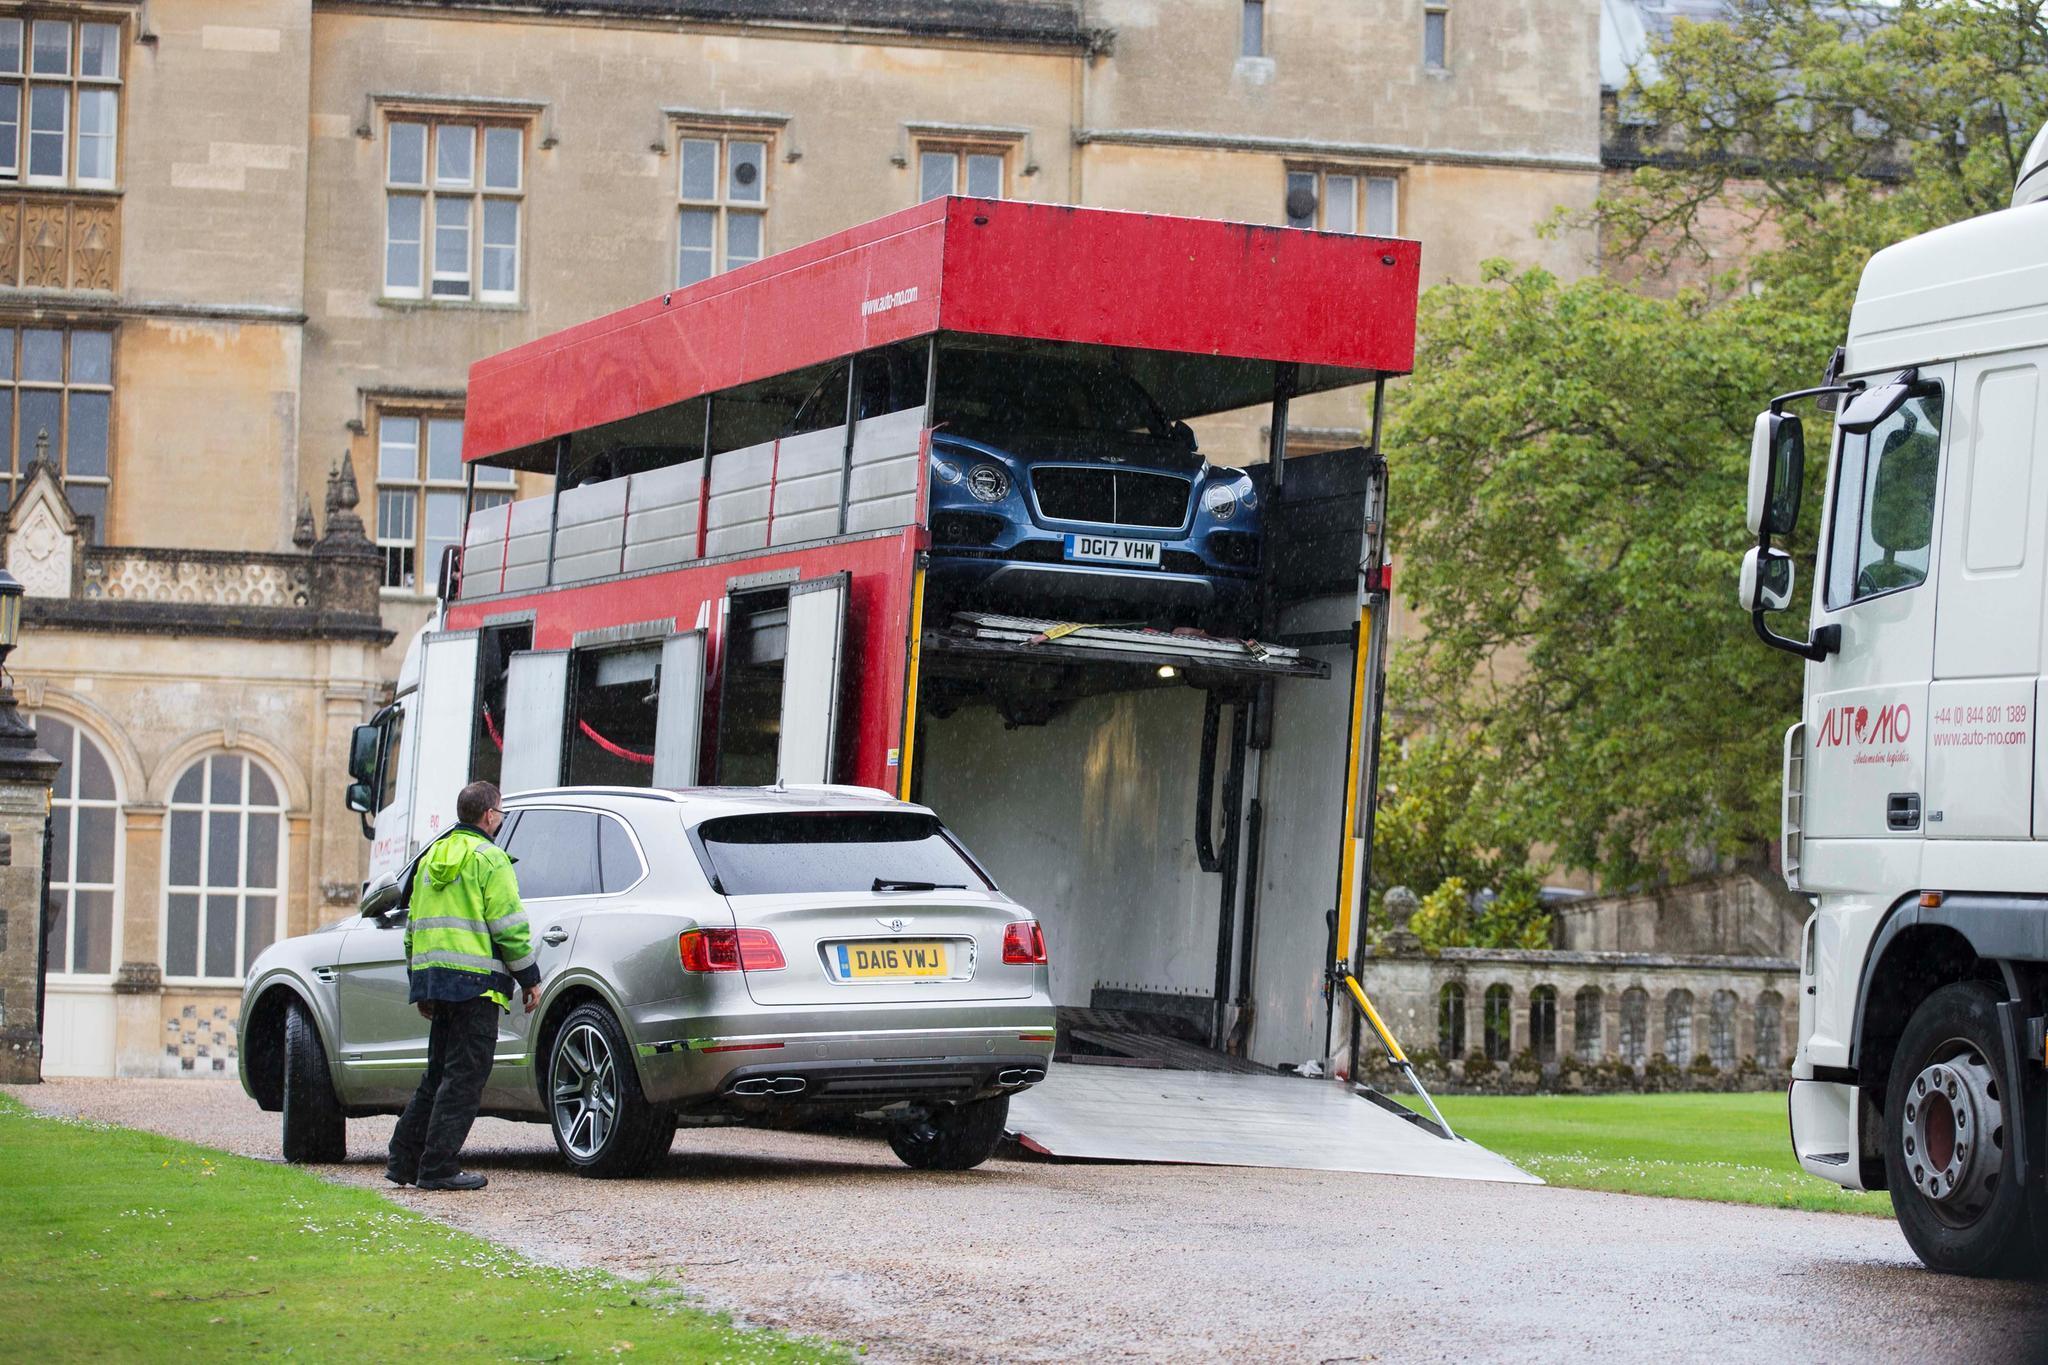 Mit diesen Bentleys werden bei der Hochzeit die Gäste chauffiert.